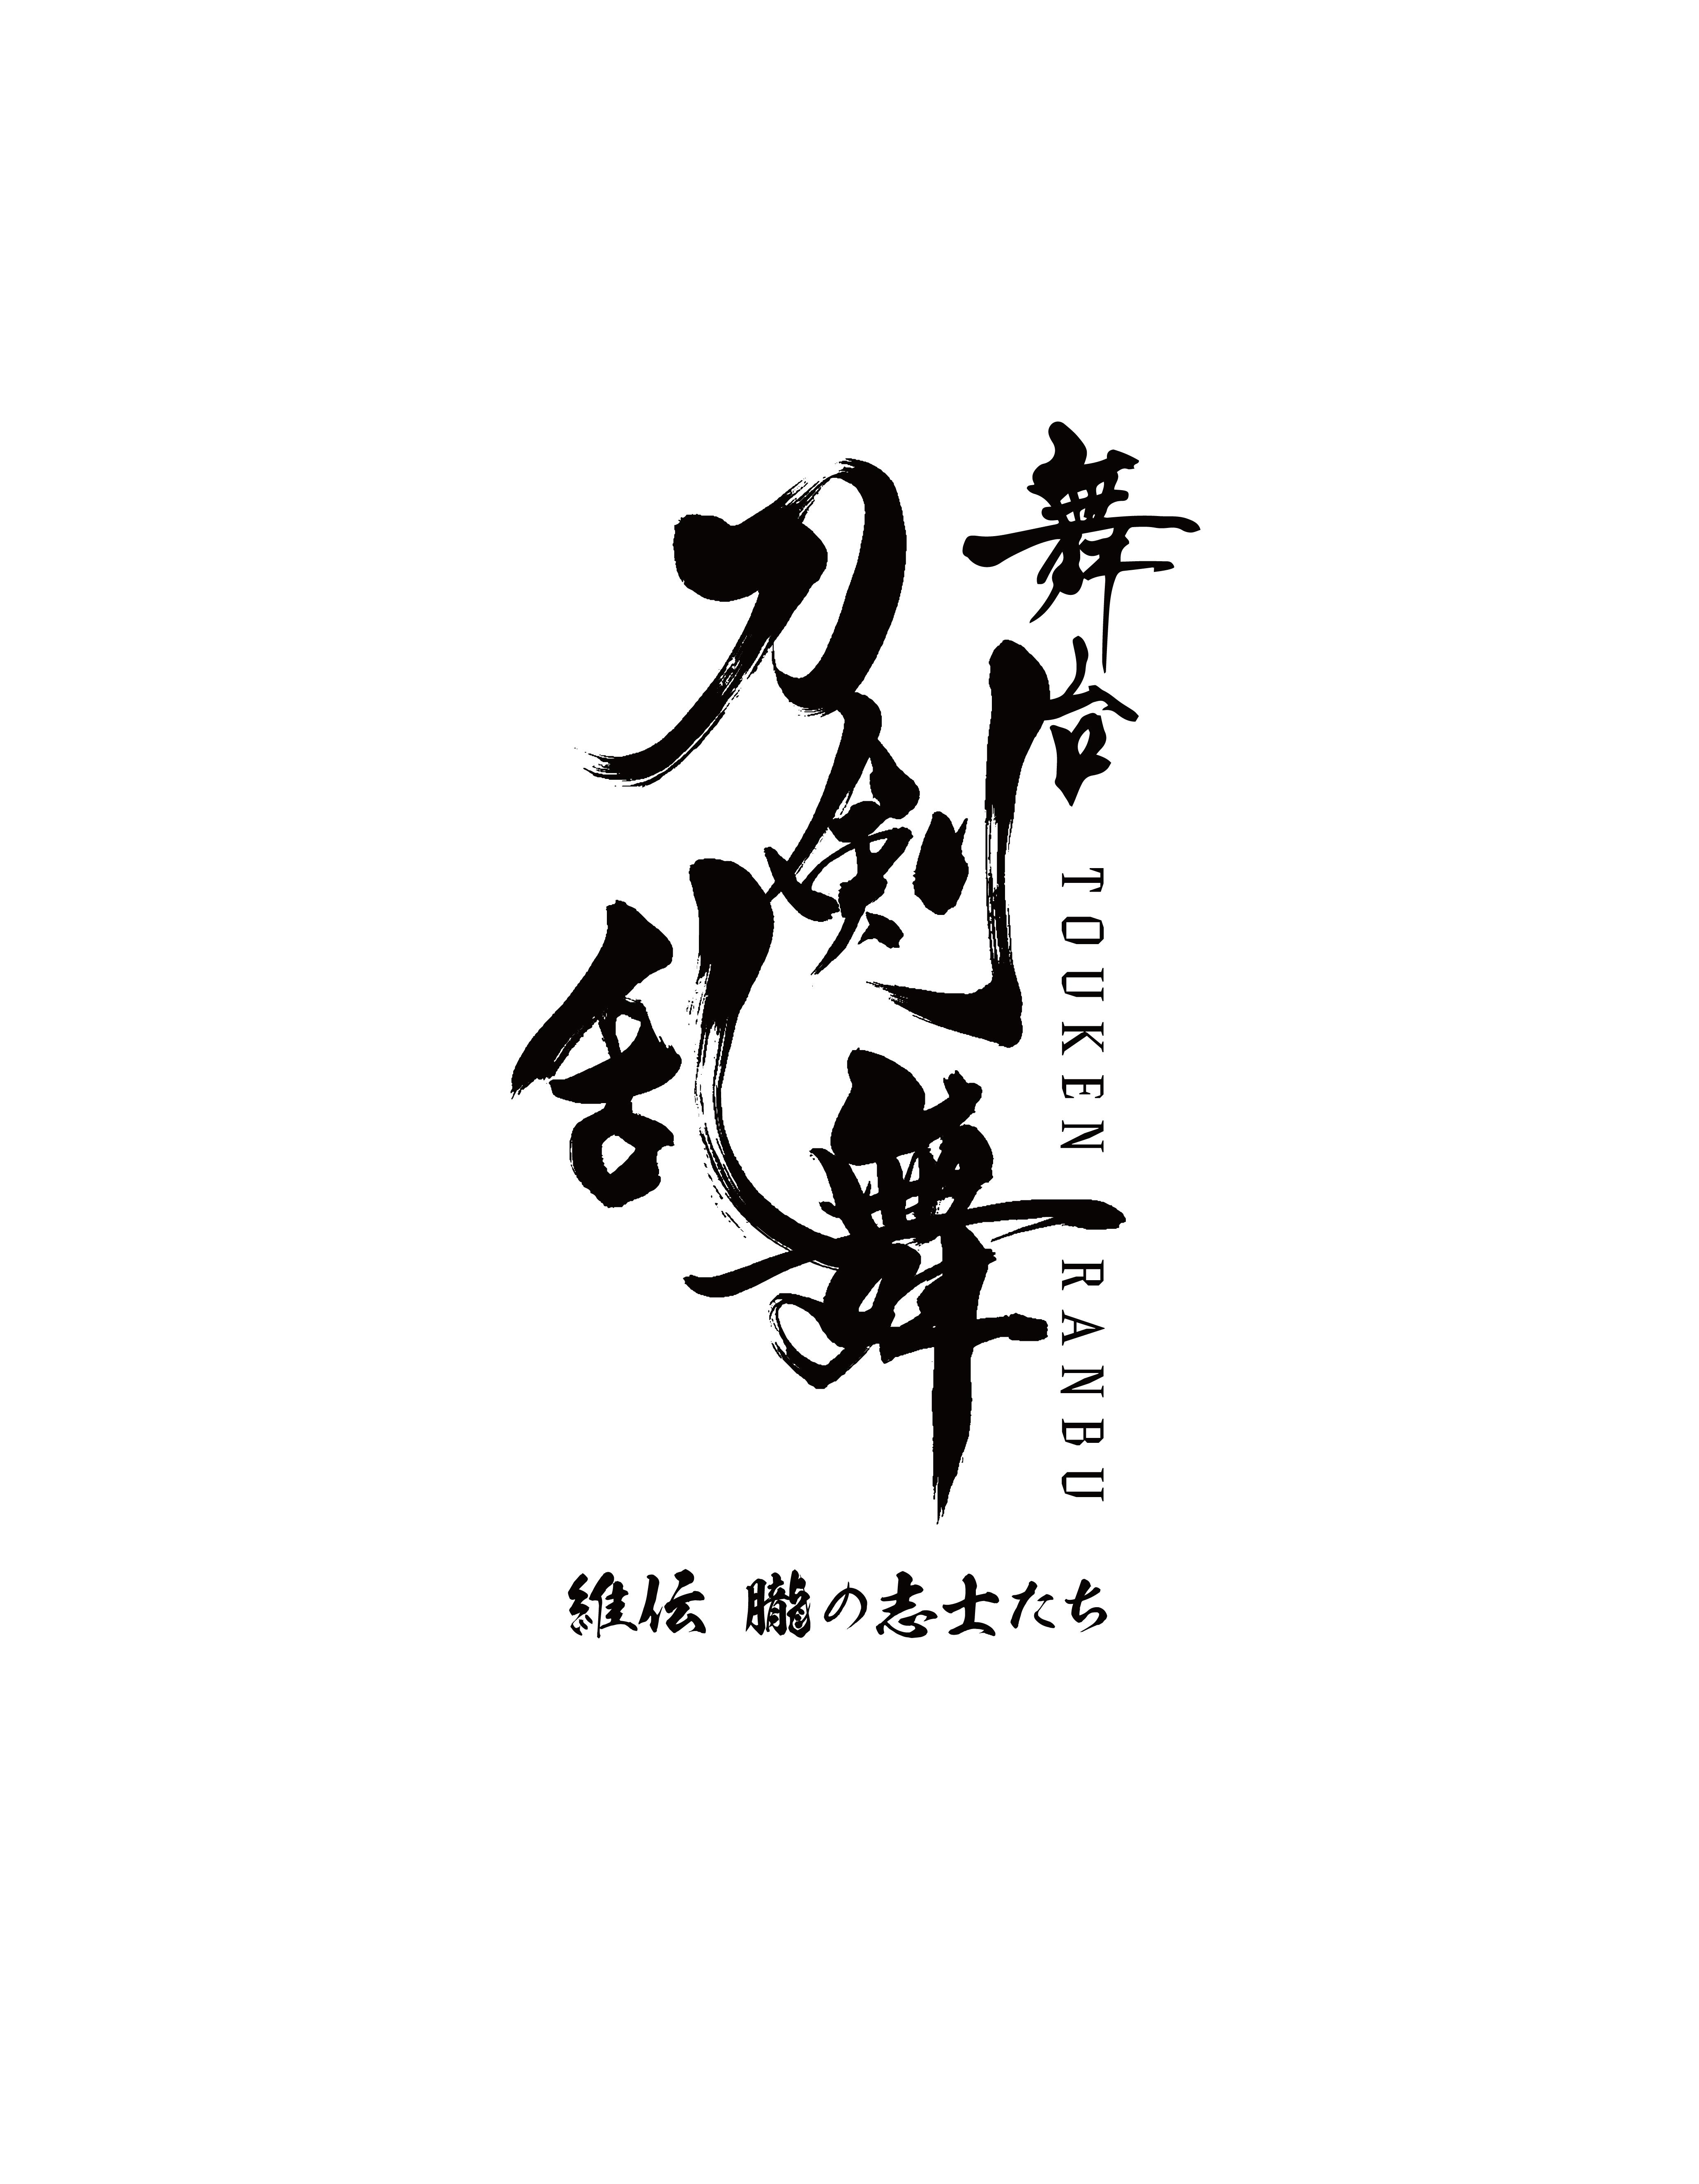 ©舞台『刀剣乱舞』製作委員会 ©2015-2019 DMM GAMES/Nitroplus